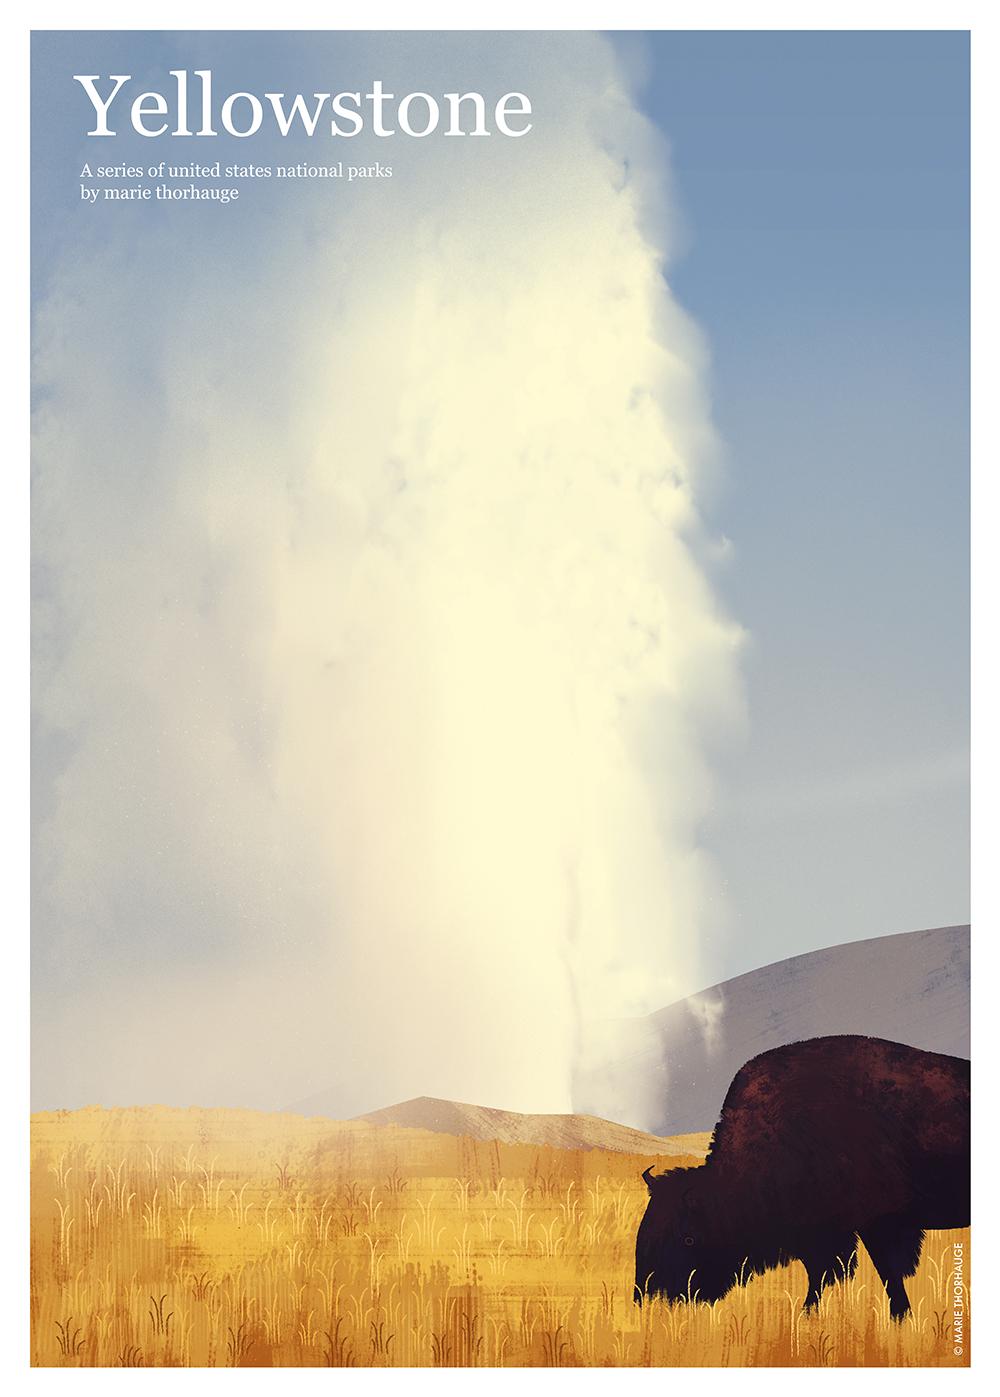 MarieThorhauge_2018_NationalParks_Yellowstone_B2_sml.jpg